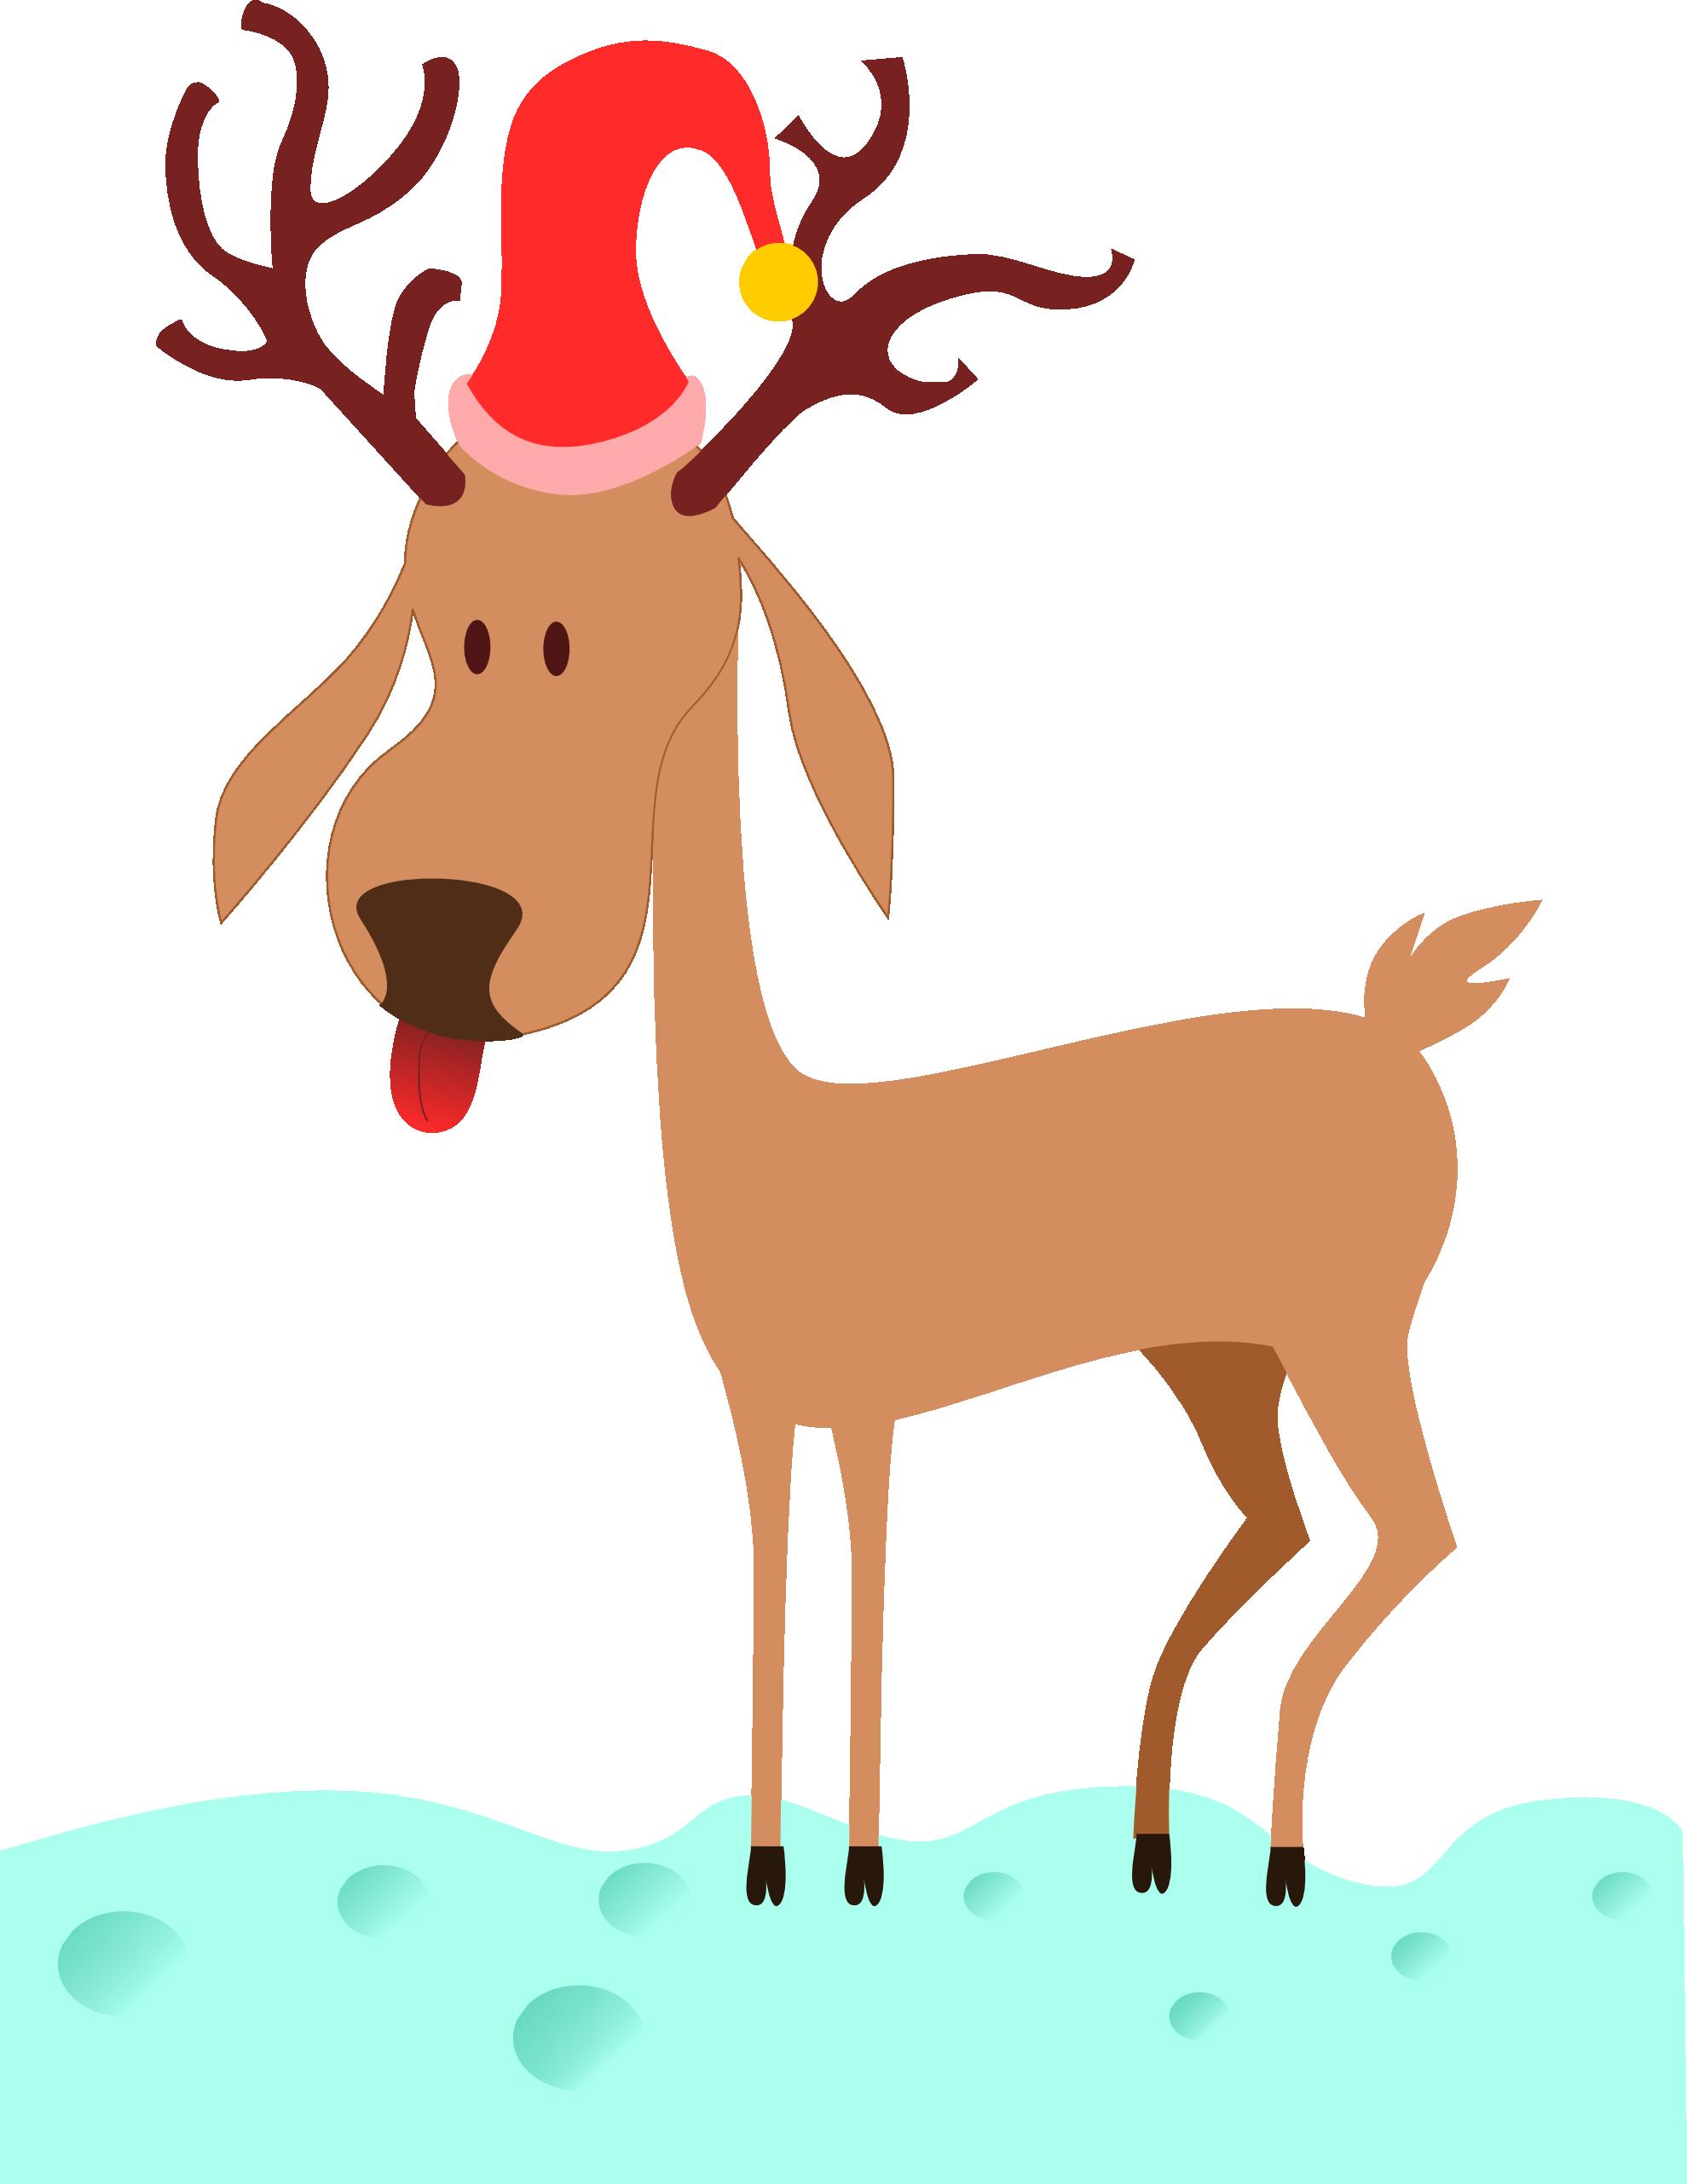 Clip Art: reindeer xmas christmas SVG - ClipArt Best - ClipArt Best